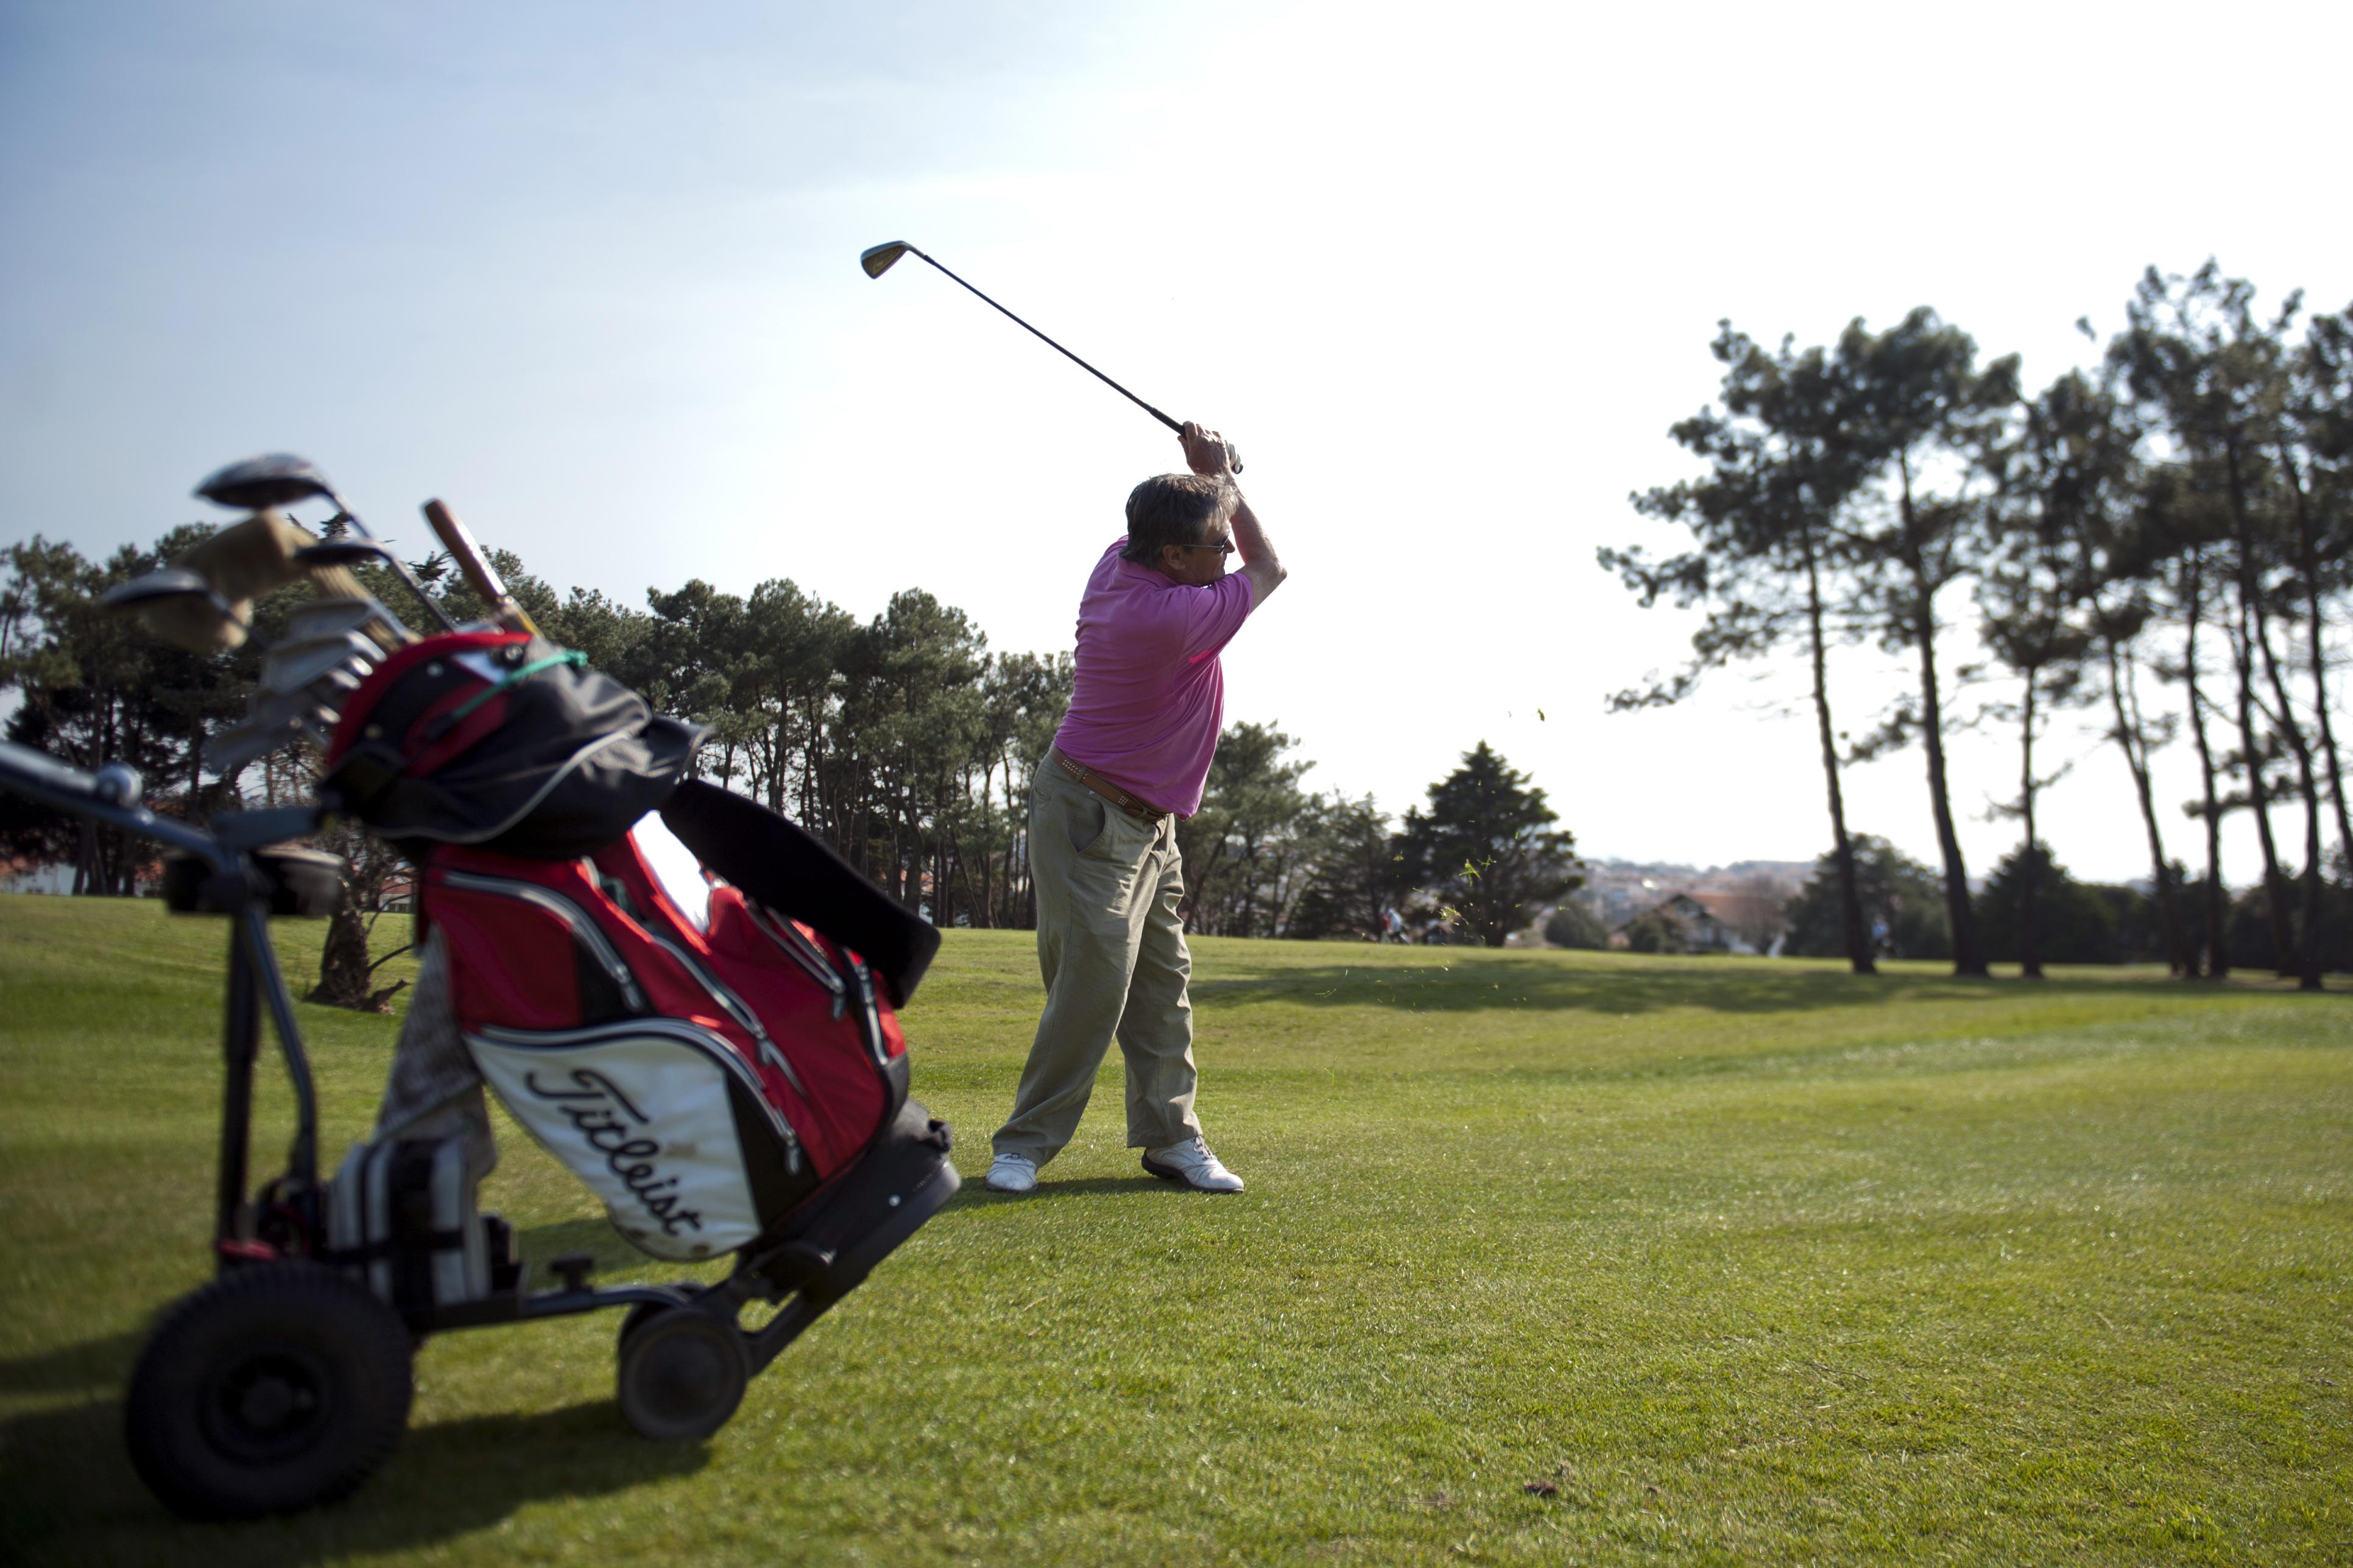 A man plays golf on March 27, 2012 in Bi